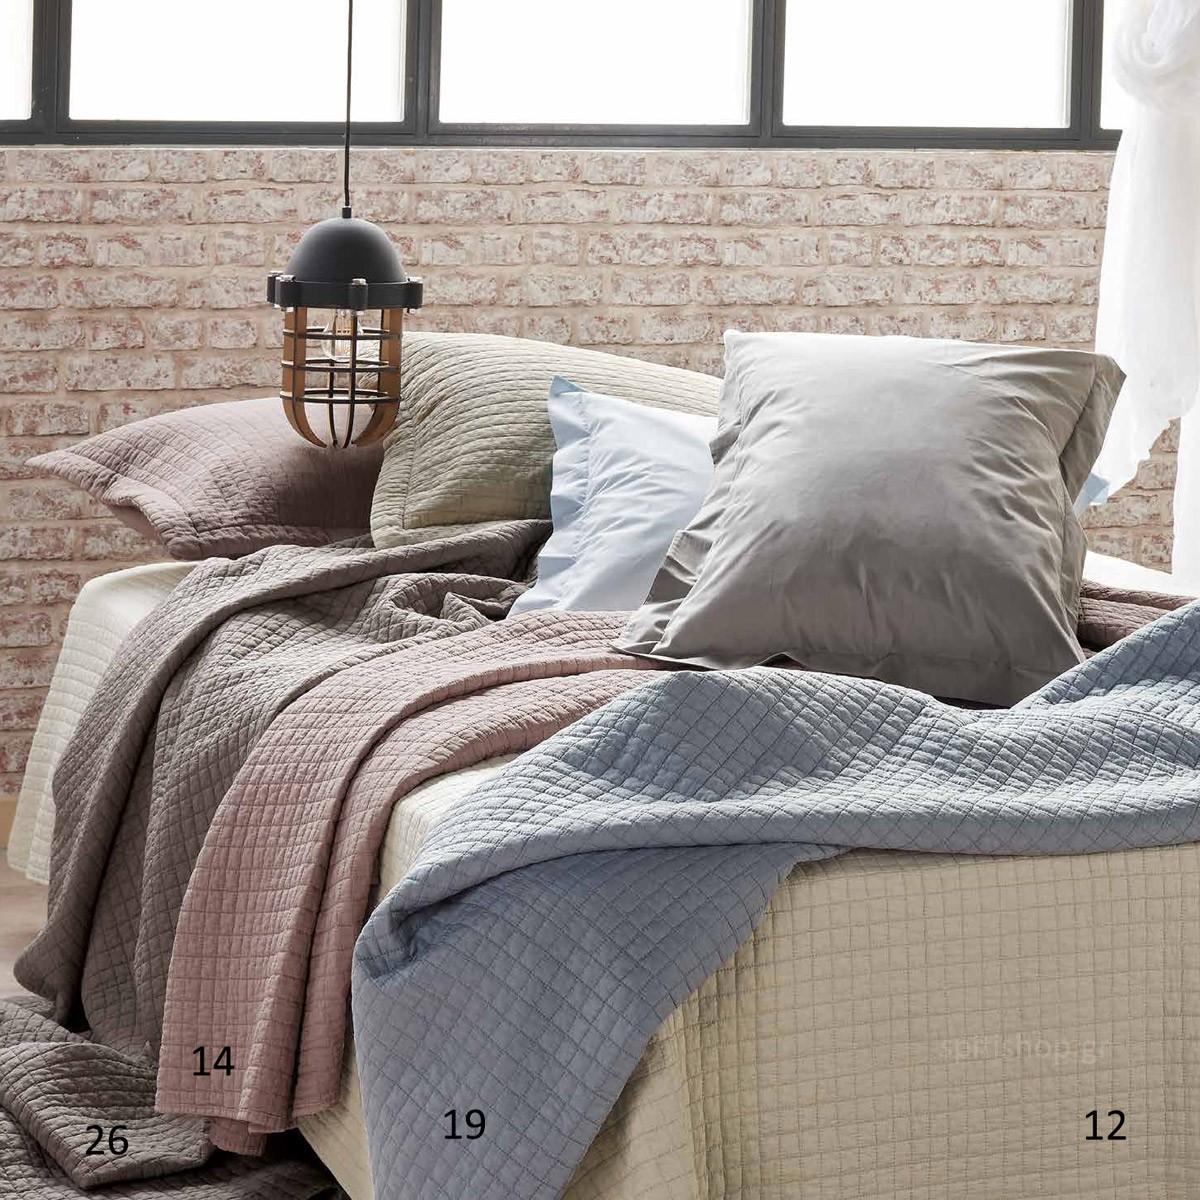 Κουβερλί Ημίδιπλο Πετροπλυμένο Kentia Versus Opal home   κρεβατοκάμαρα   κουβερλί   κουβερλί ημίδιπλα   διπλά